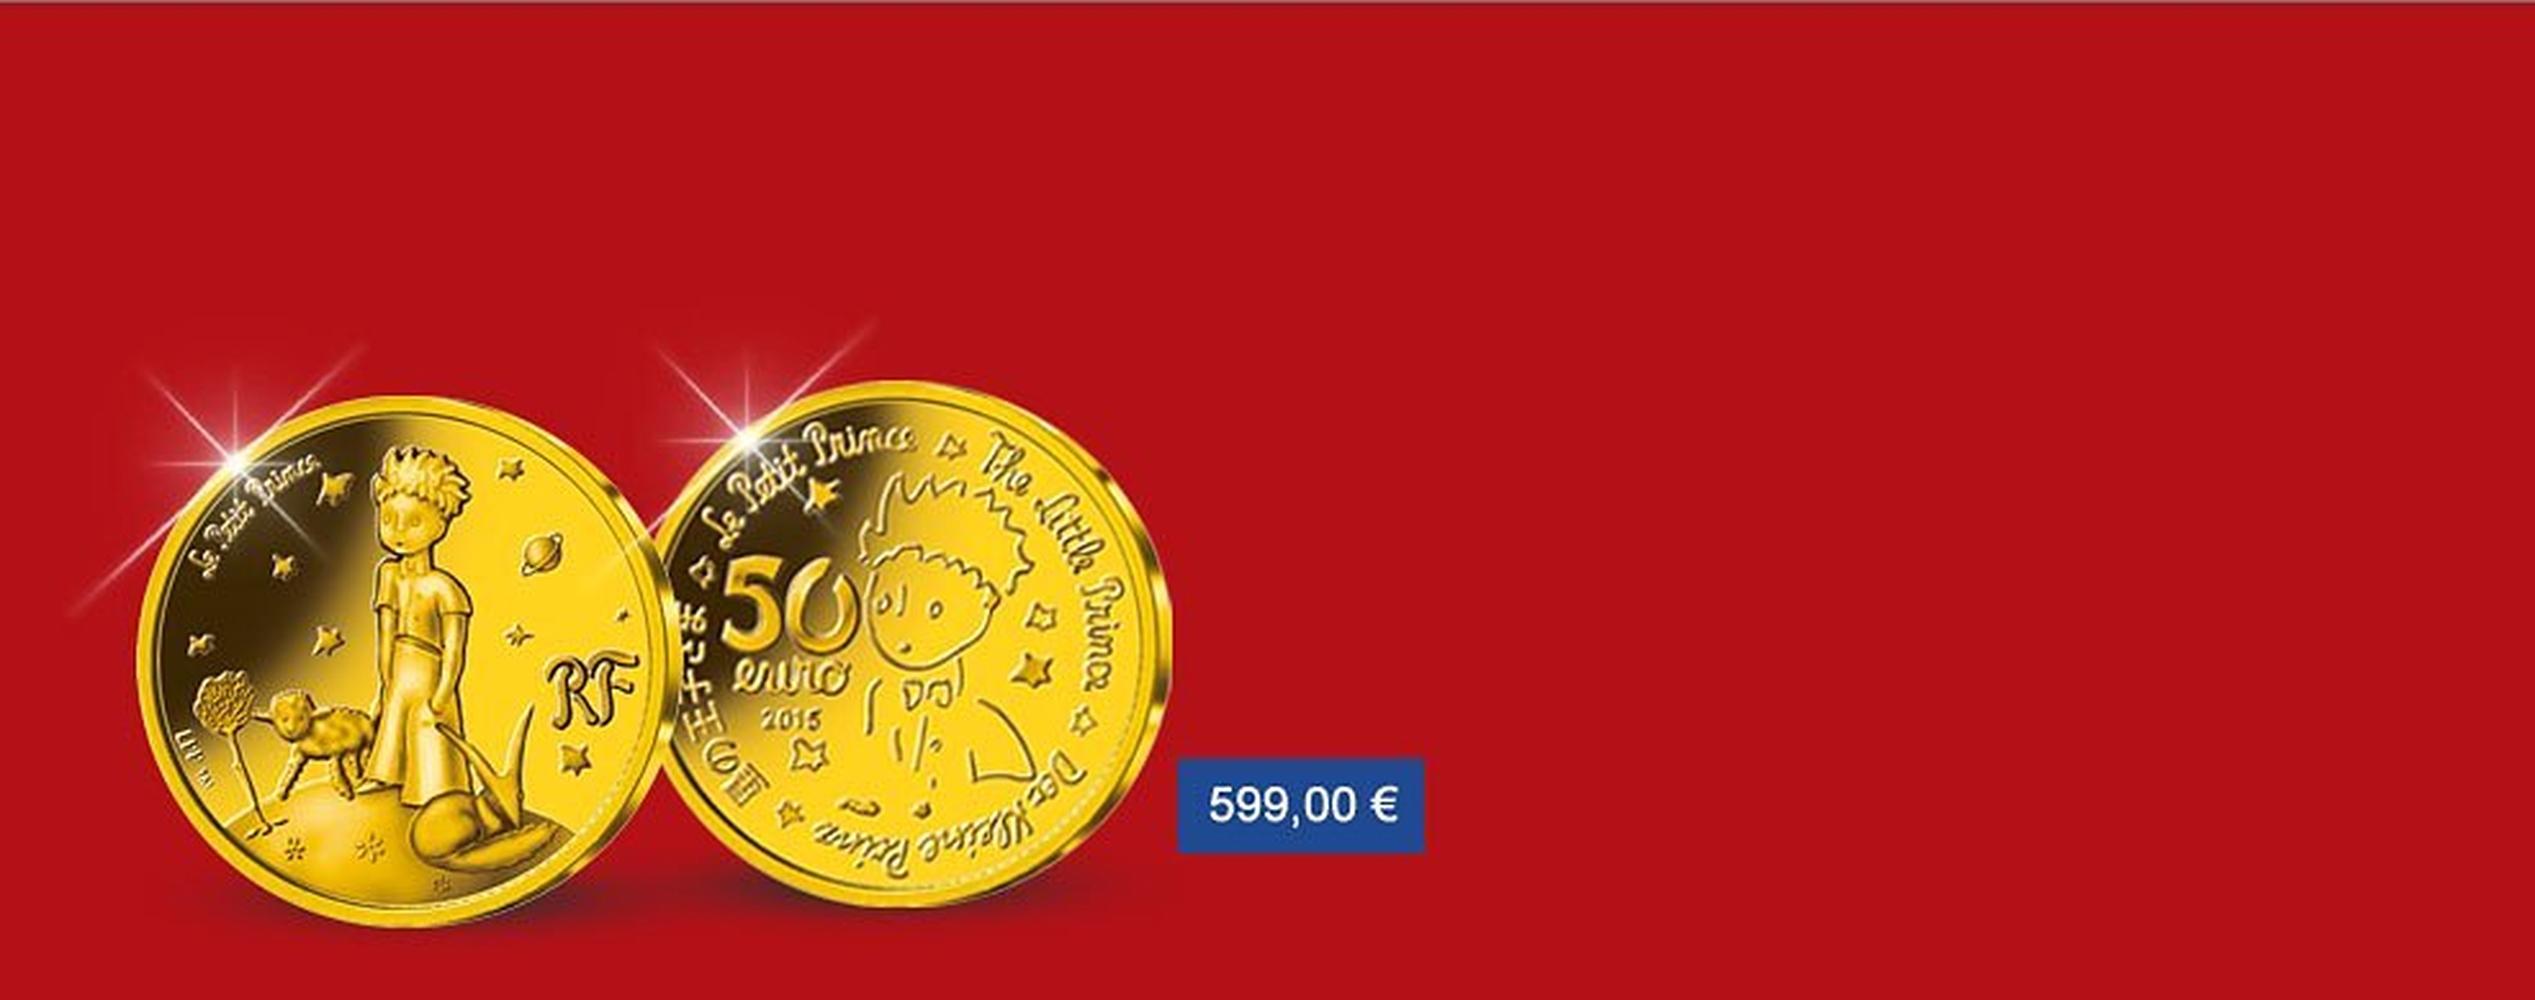 MDM - La monnaie de 50 euros en or Le Petit Prince